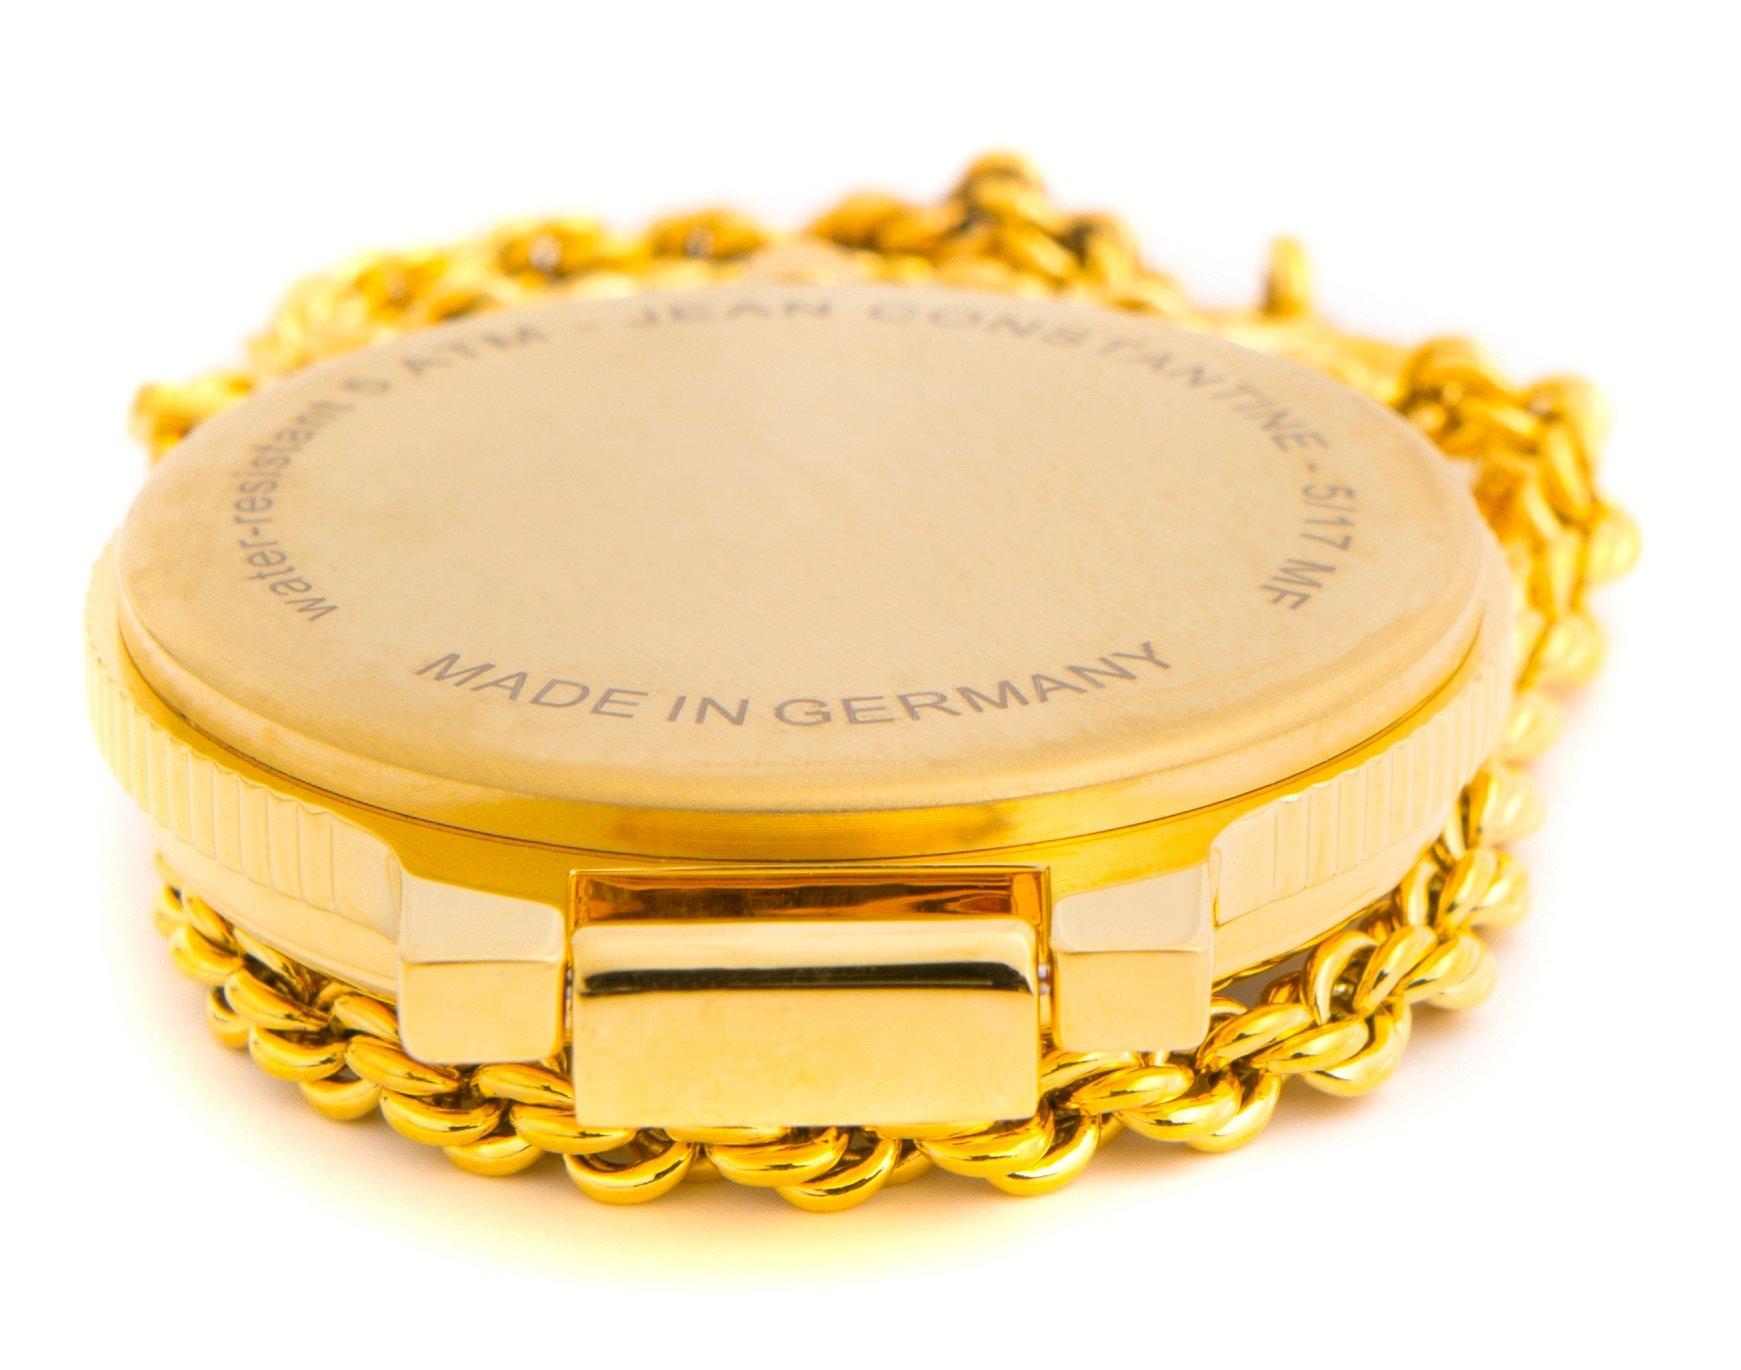 Jean-Constantine-Herren-Taschenuhr-mit-Lupe-Analog-Ronda-Uhr-Werk-Gold